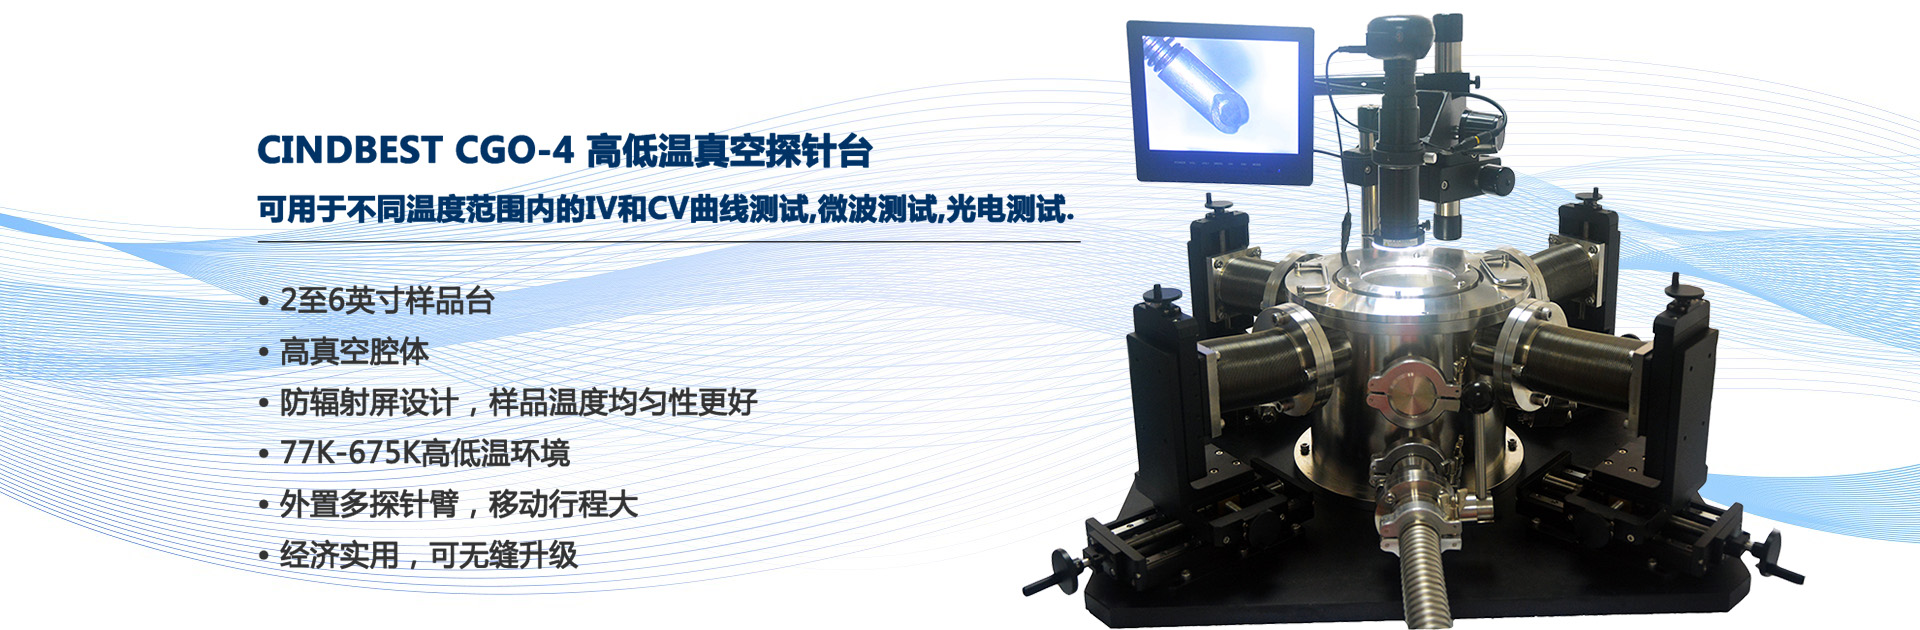 CGO-4火狐体育app安卓版台